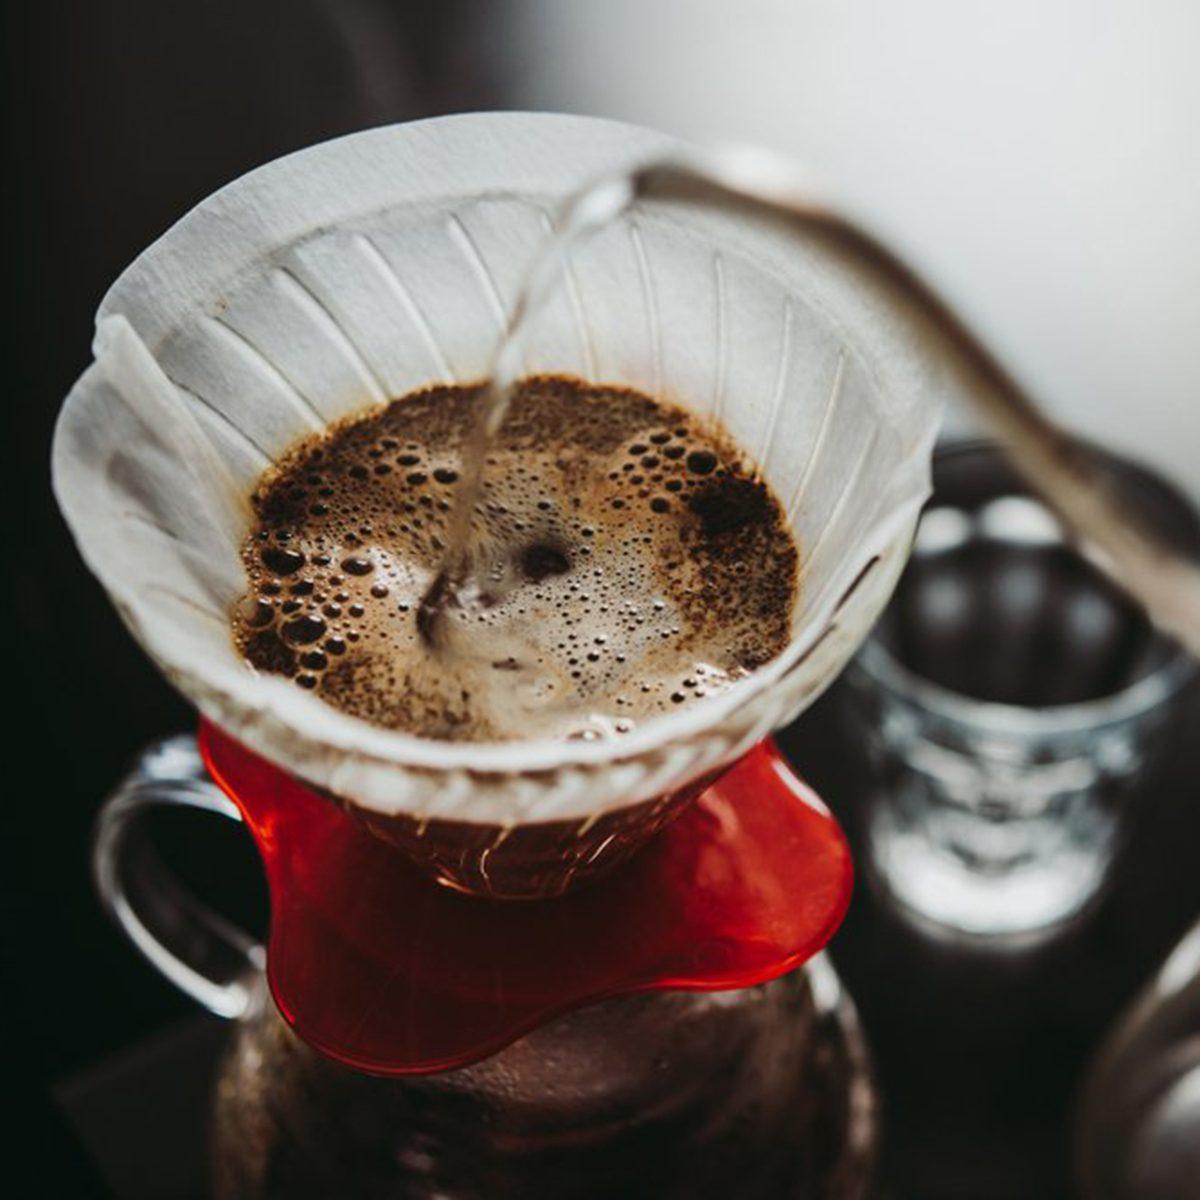 Dripper coffee